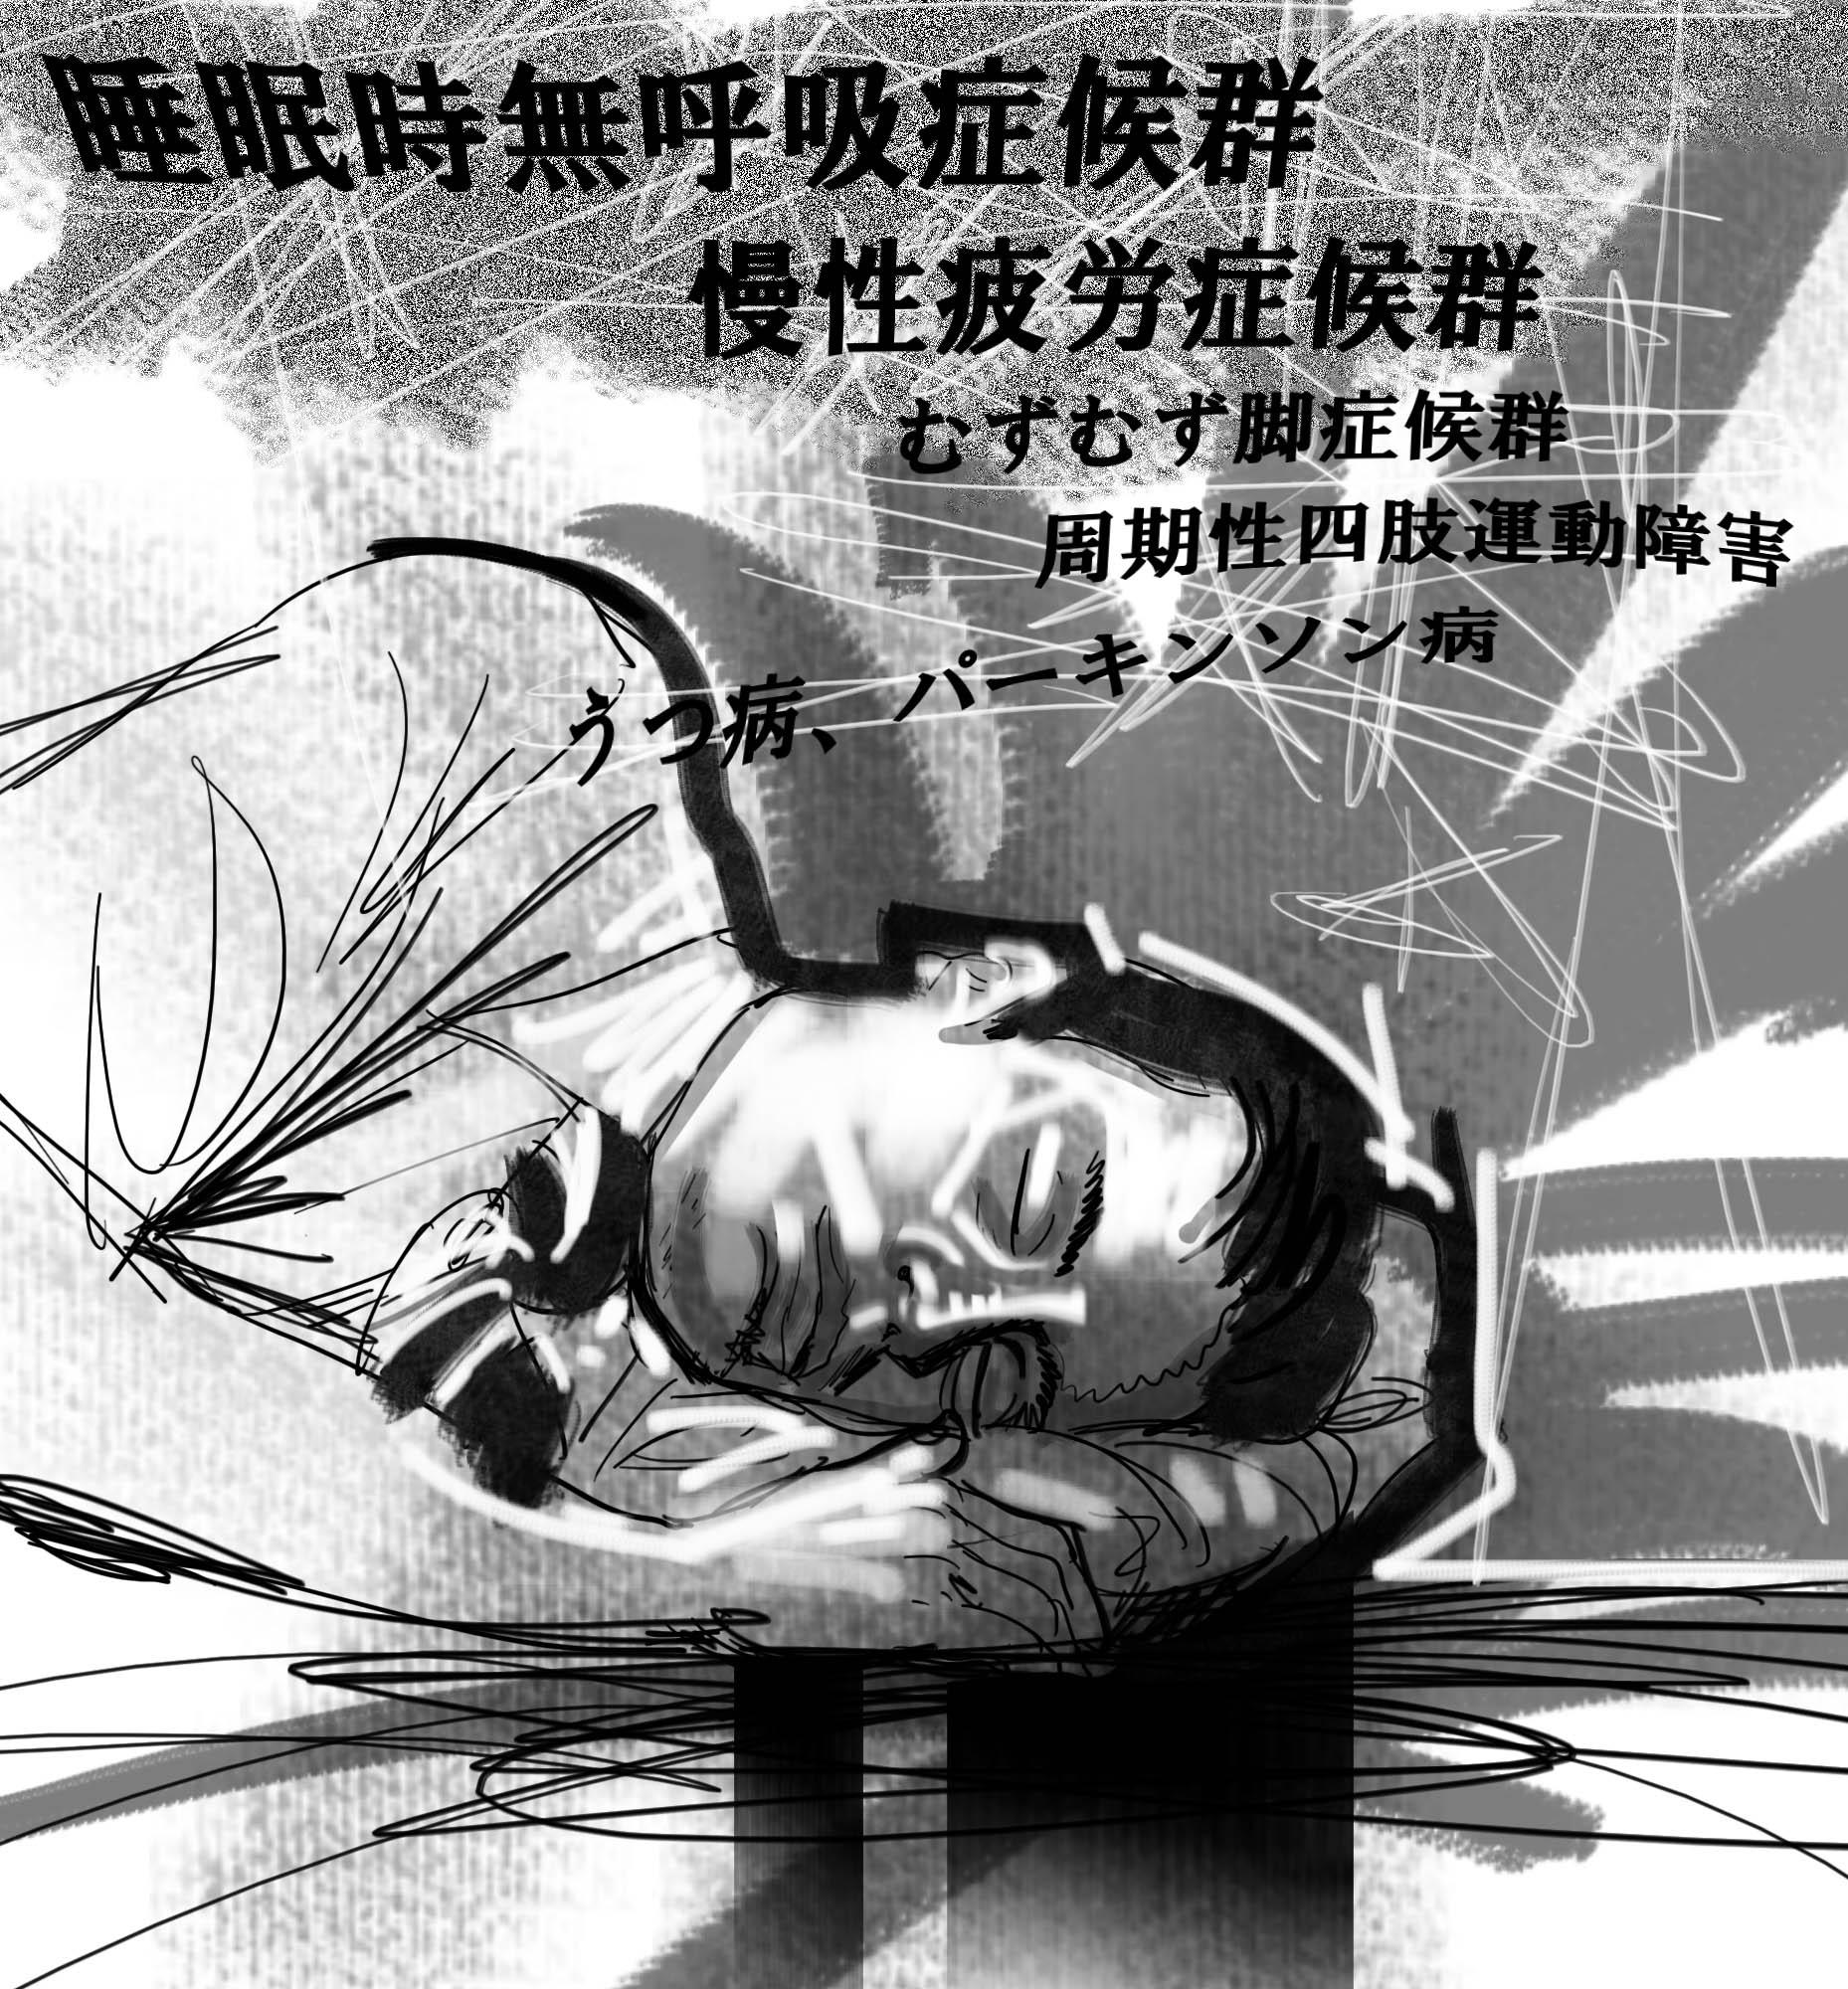 20130323健康【眠気】